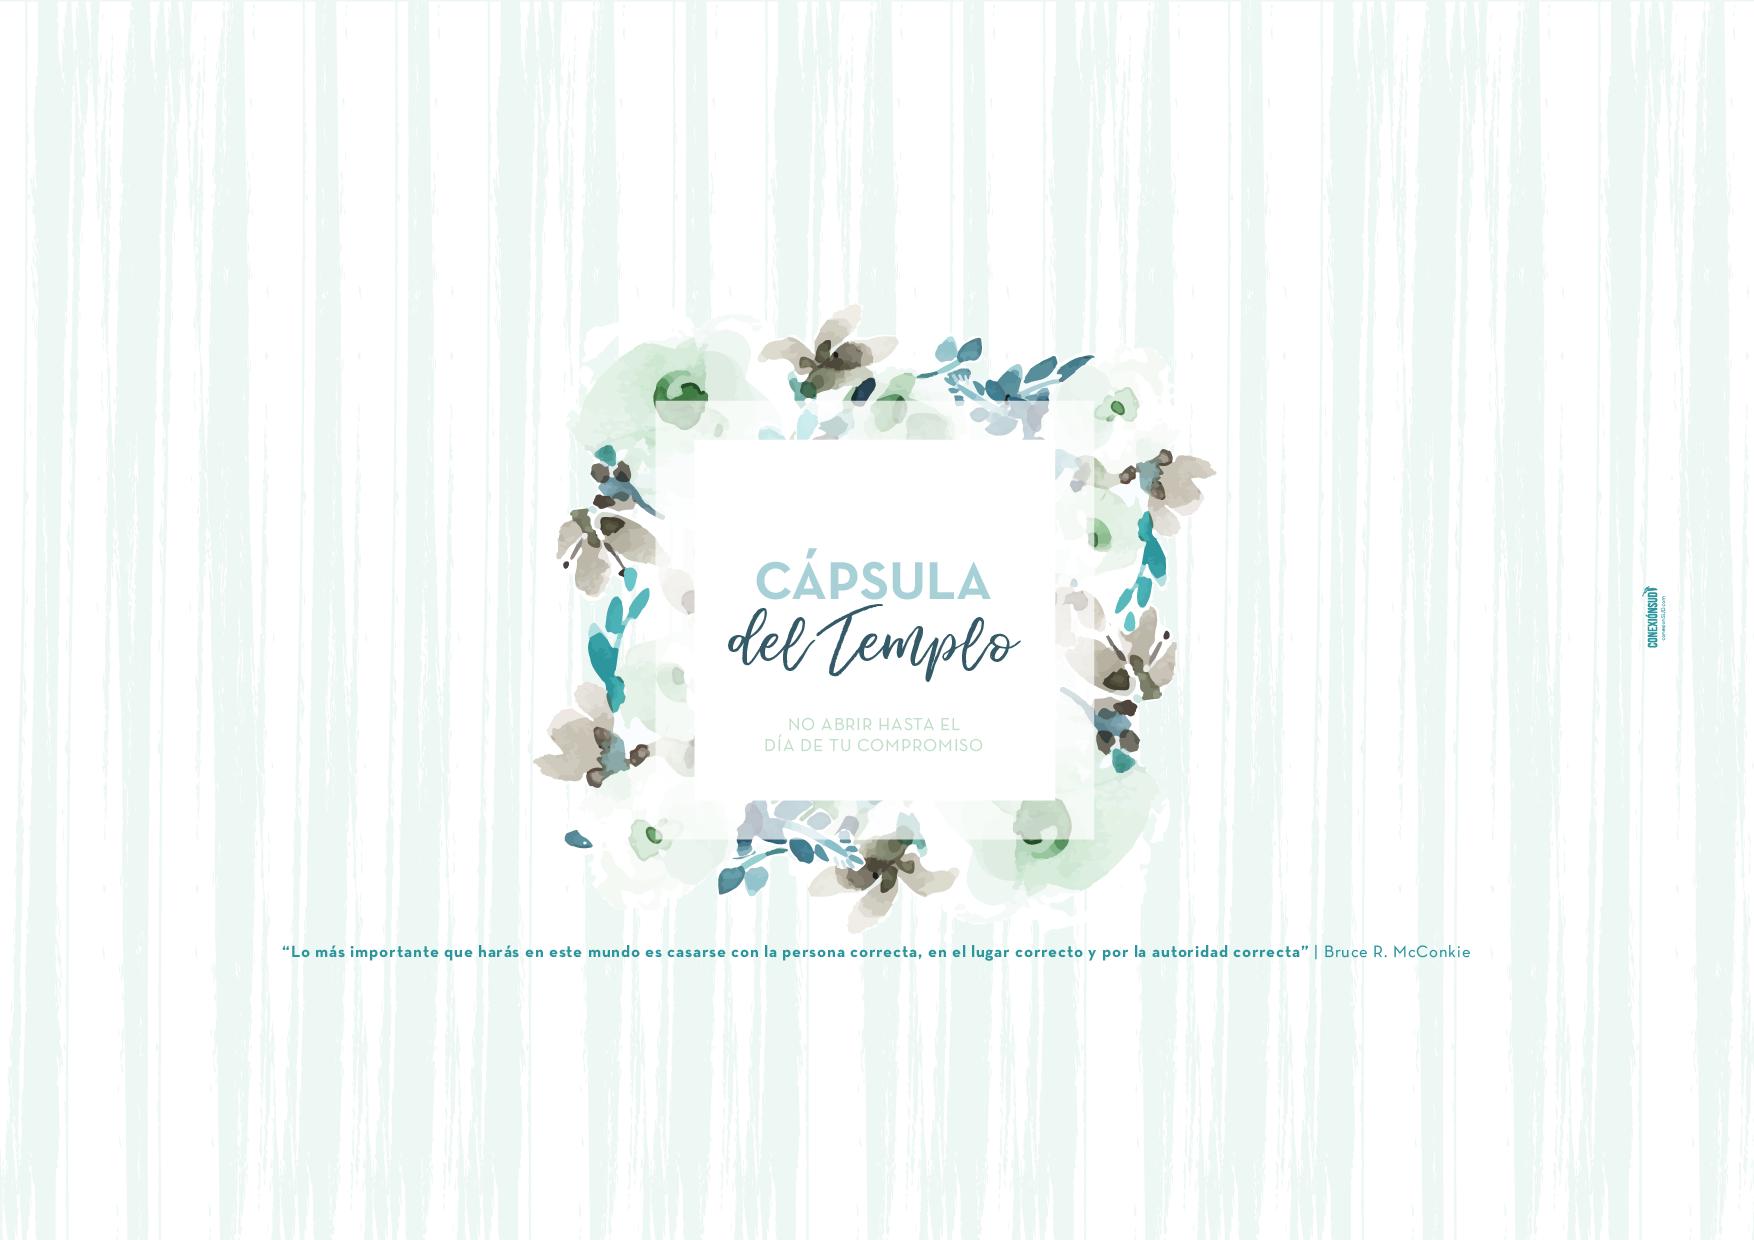 Capsula del Templo - Mujeres Jovenes - ConexionSUD_ConexionSUD-04